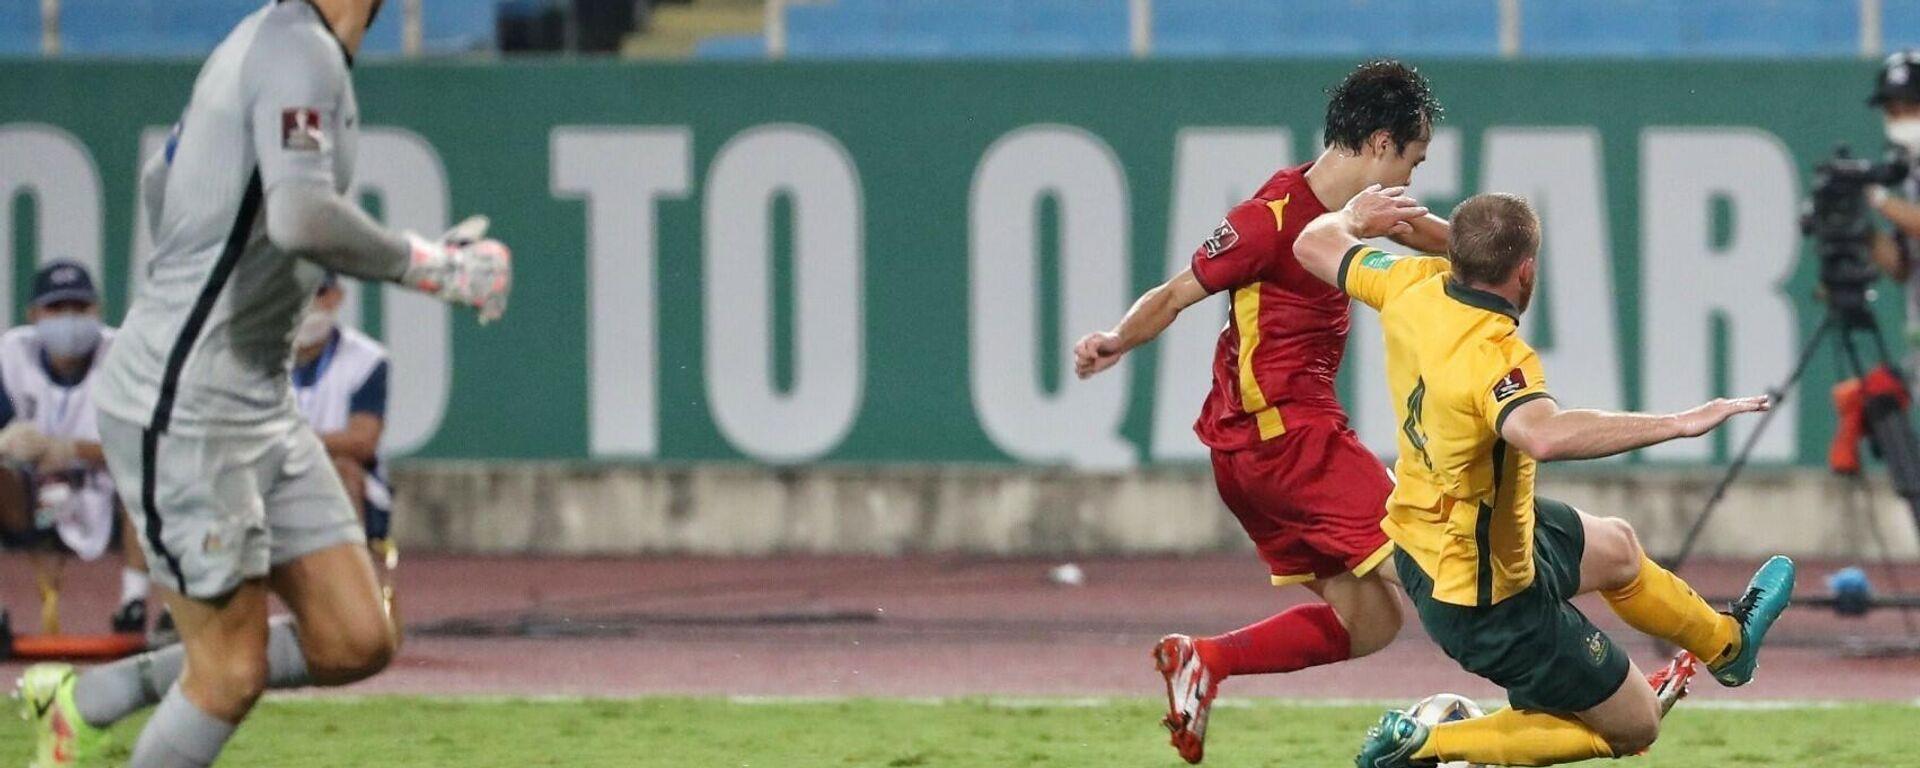 Trận đấu ở lượt trận thứ 2 giữa Việt Nam và Australia sẽ diễn ra ngày 7/9 trên sân vận động quốc gia Mỹ Đình. - Sputnik Việt Nam, 1920, 14.10.2021